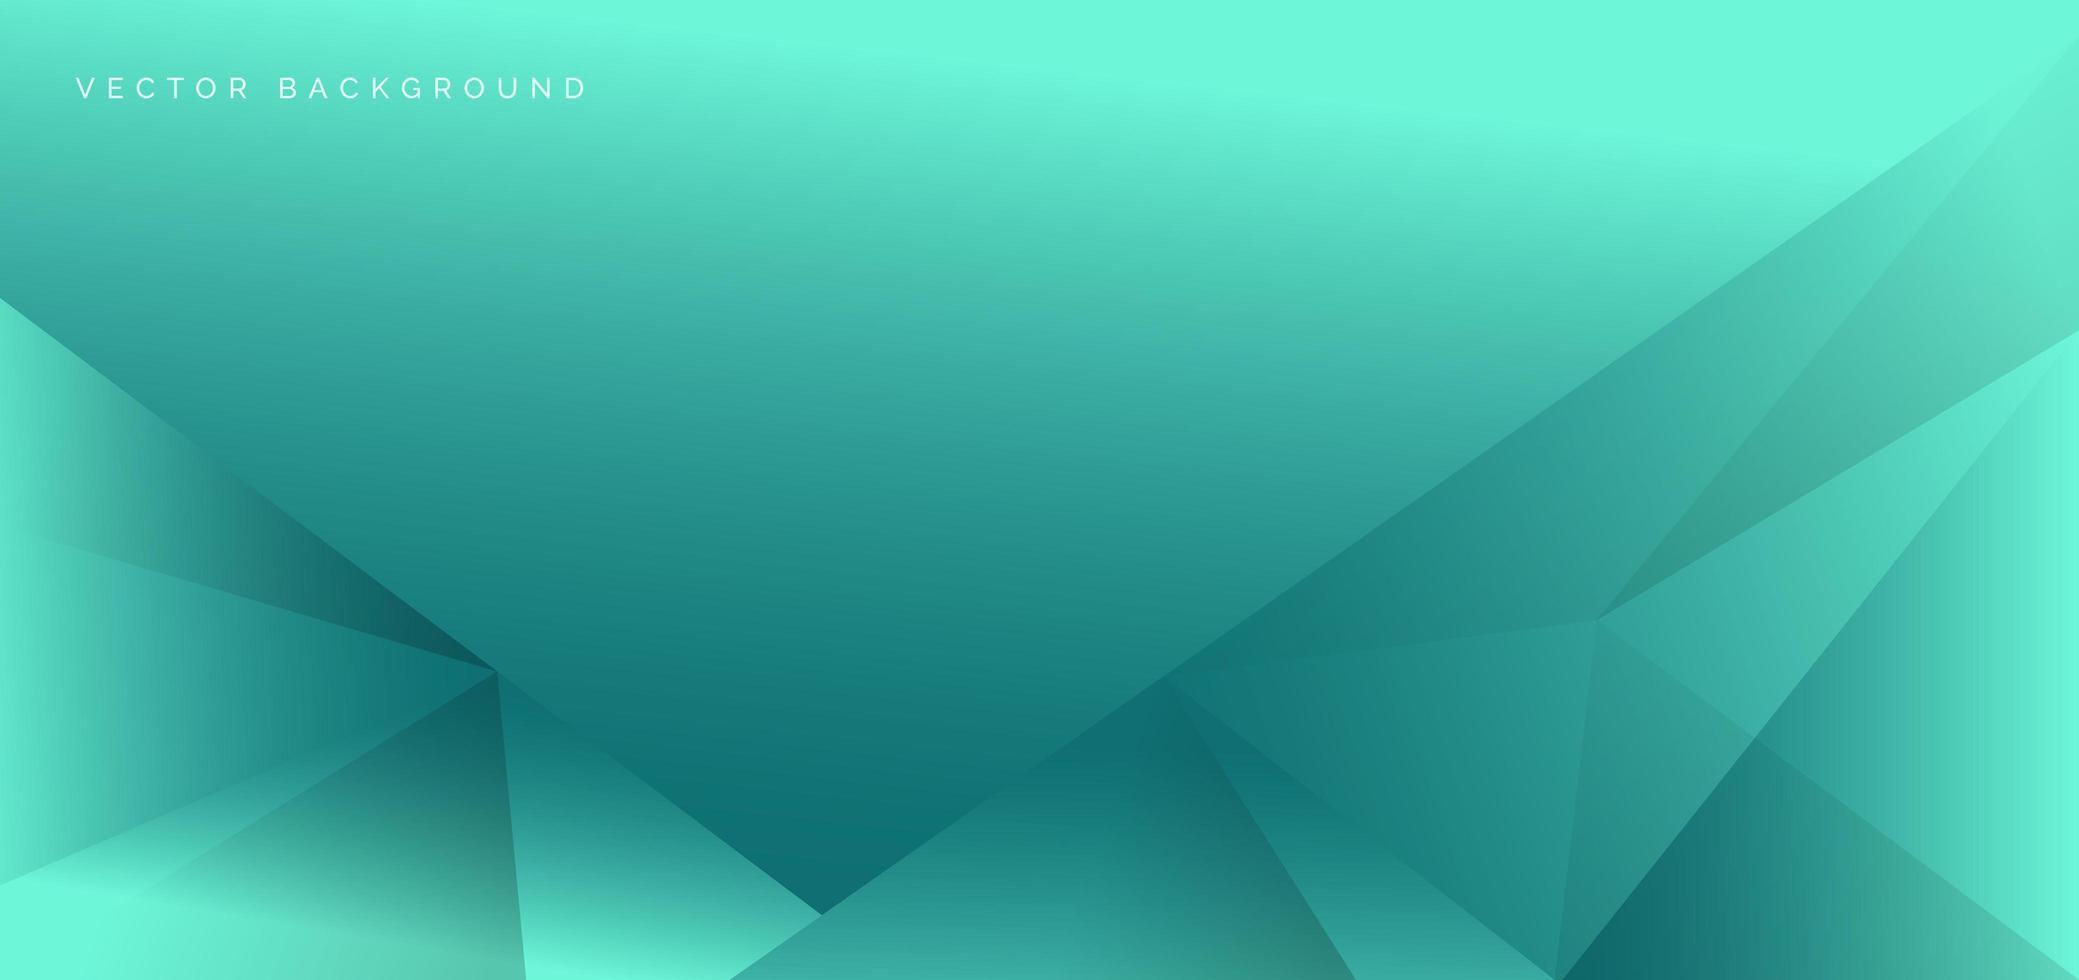 abstrakte und geometrische türkisfarbene Dreiecke Schablonenhintergrund vektor